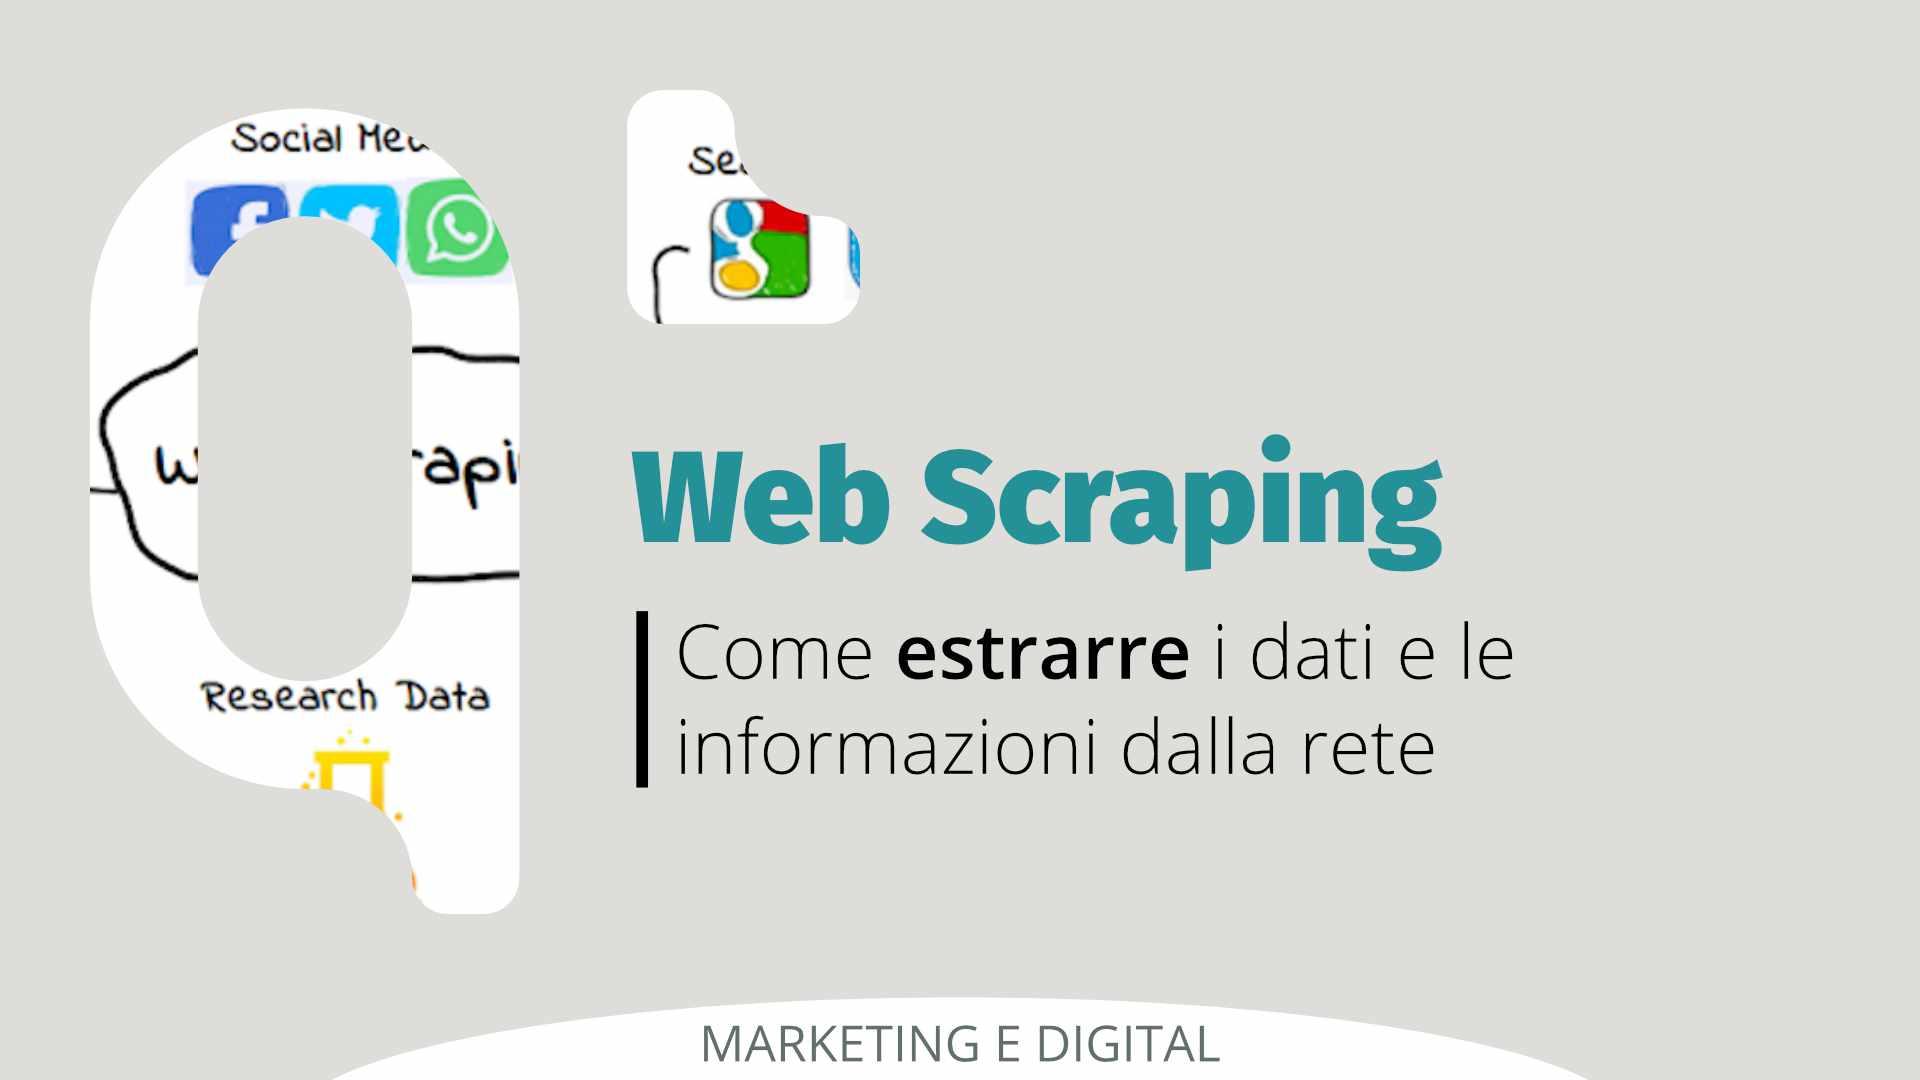 Web scraping: pescare dati dalla rete